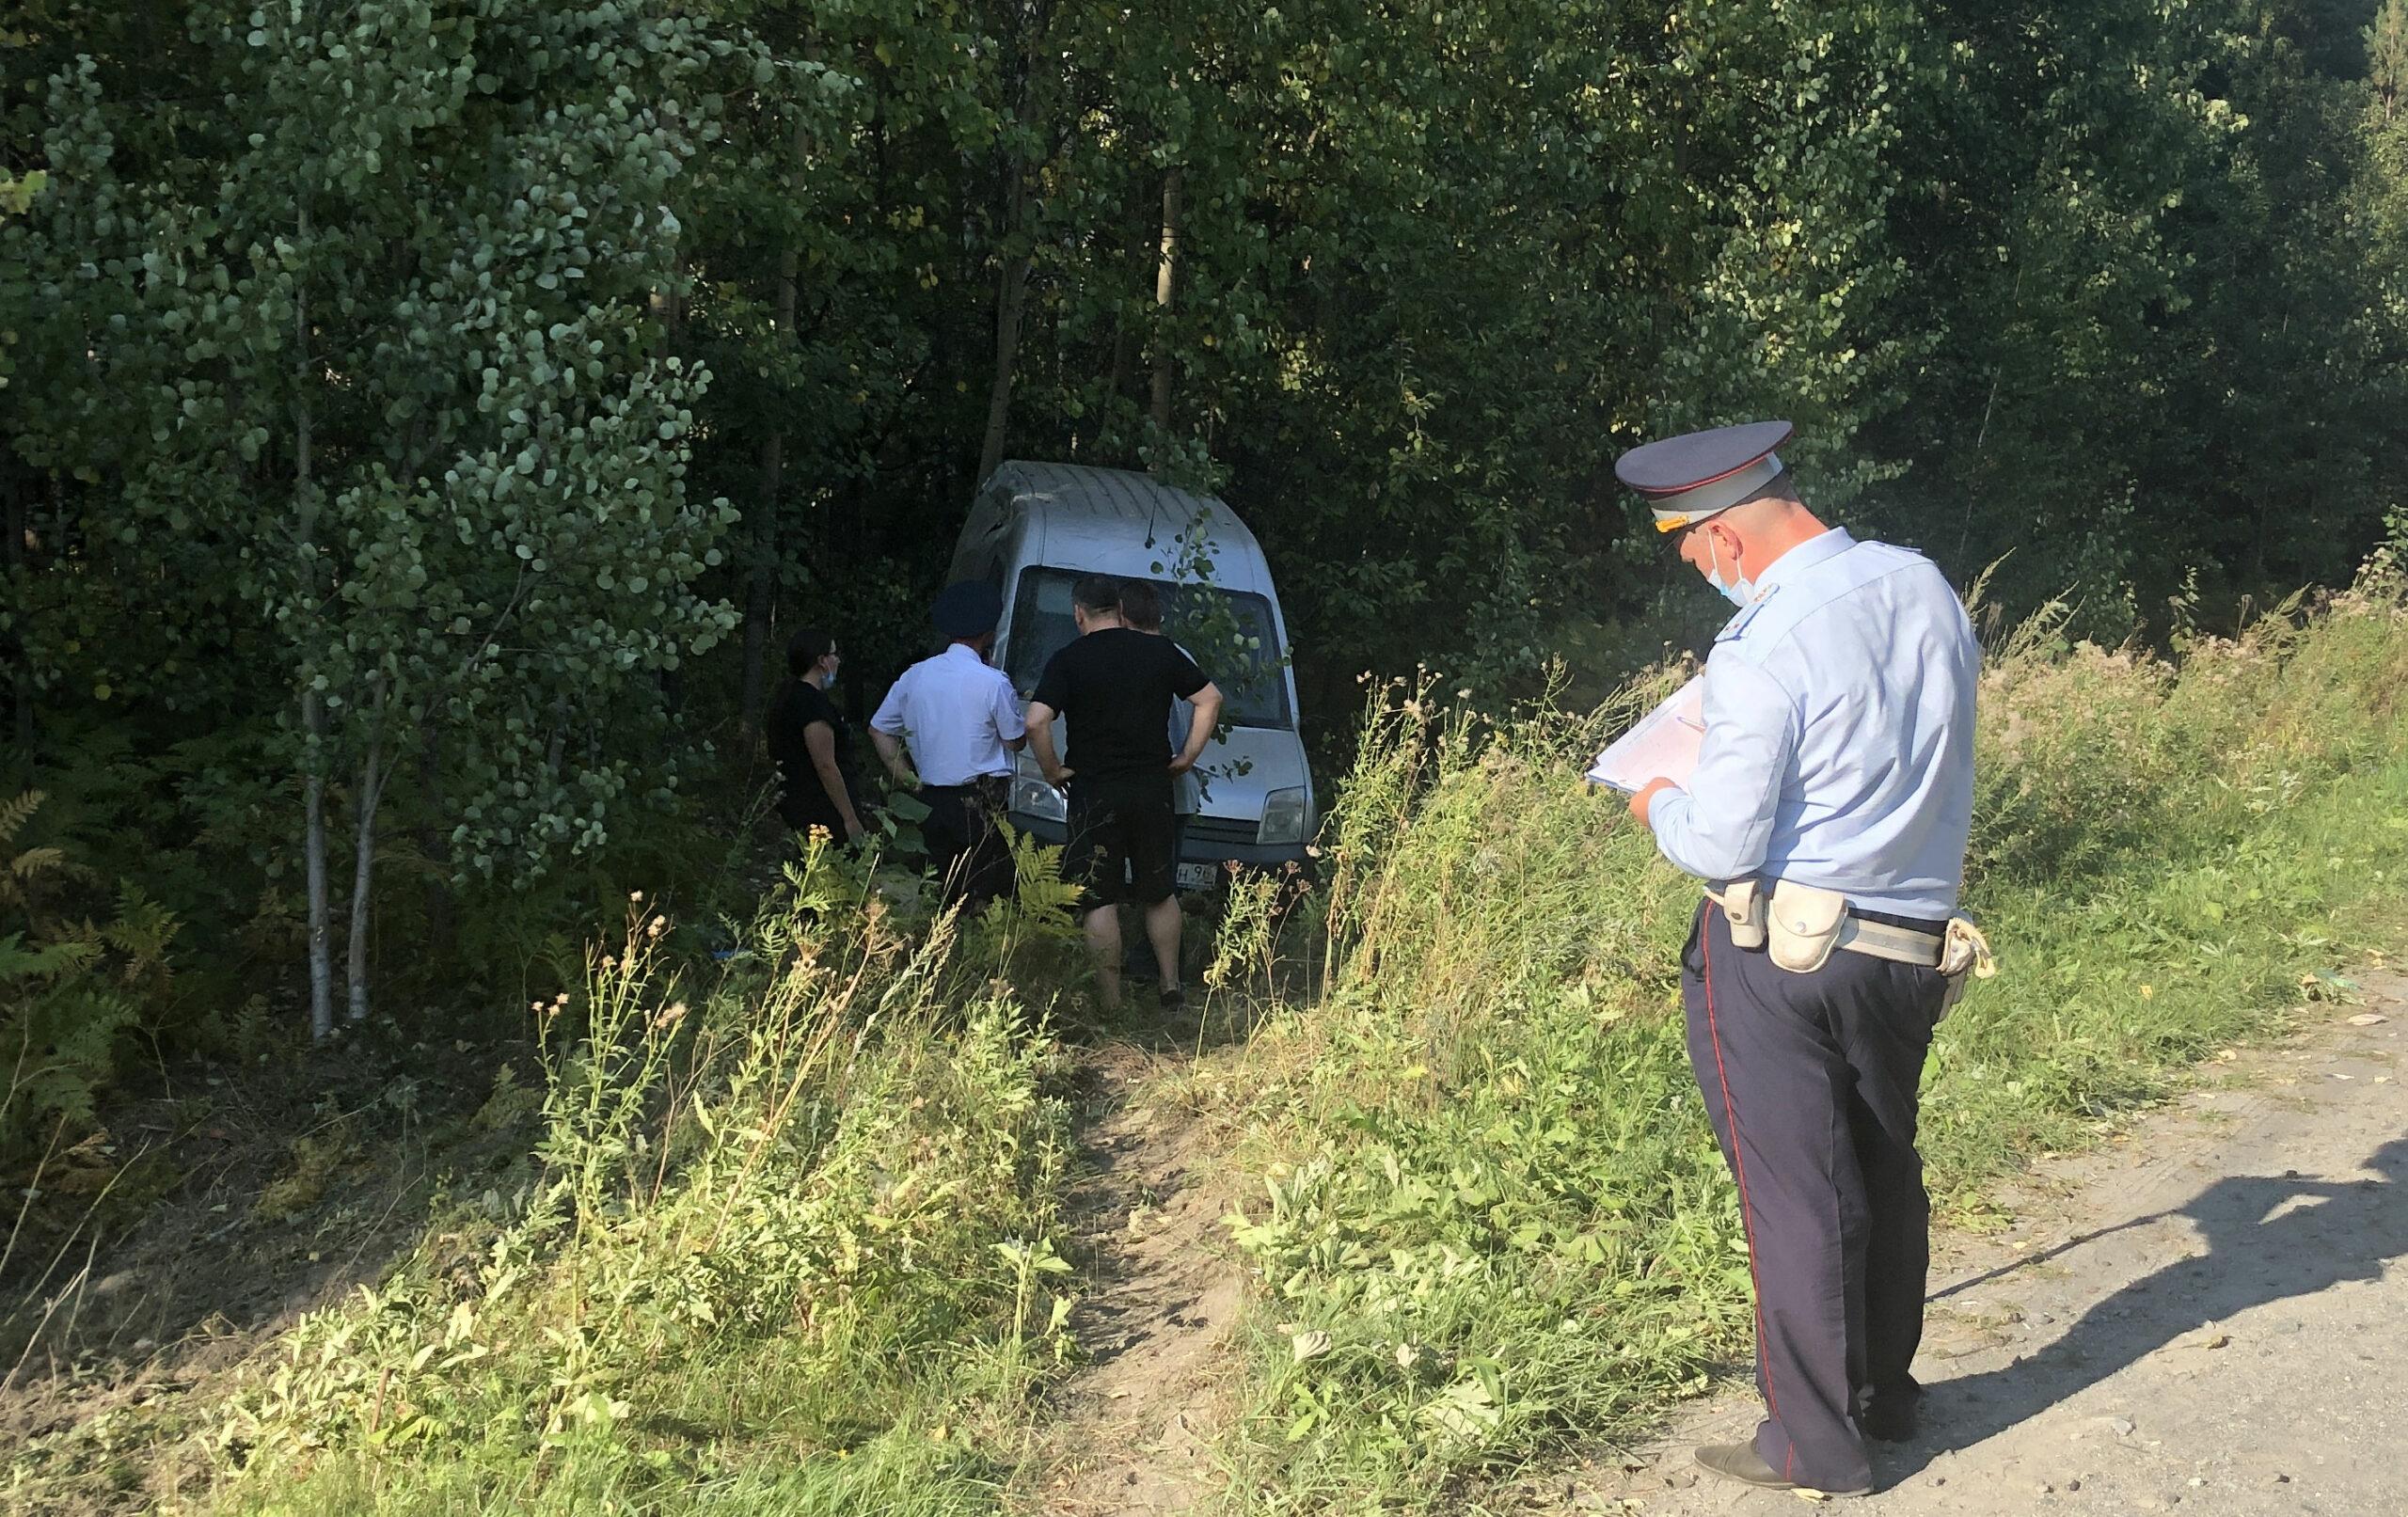 На Урале водитель погиб при попытке запрещенного обгона